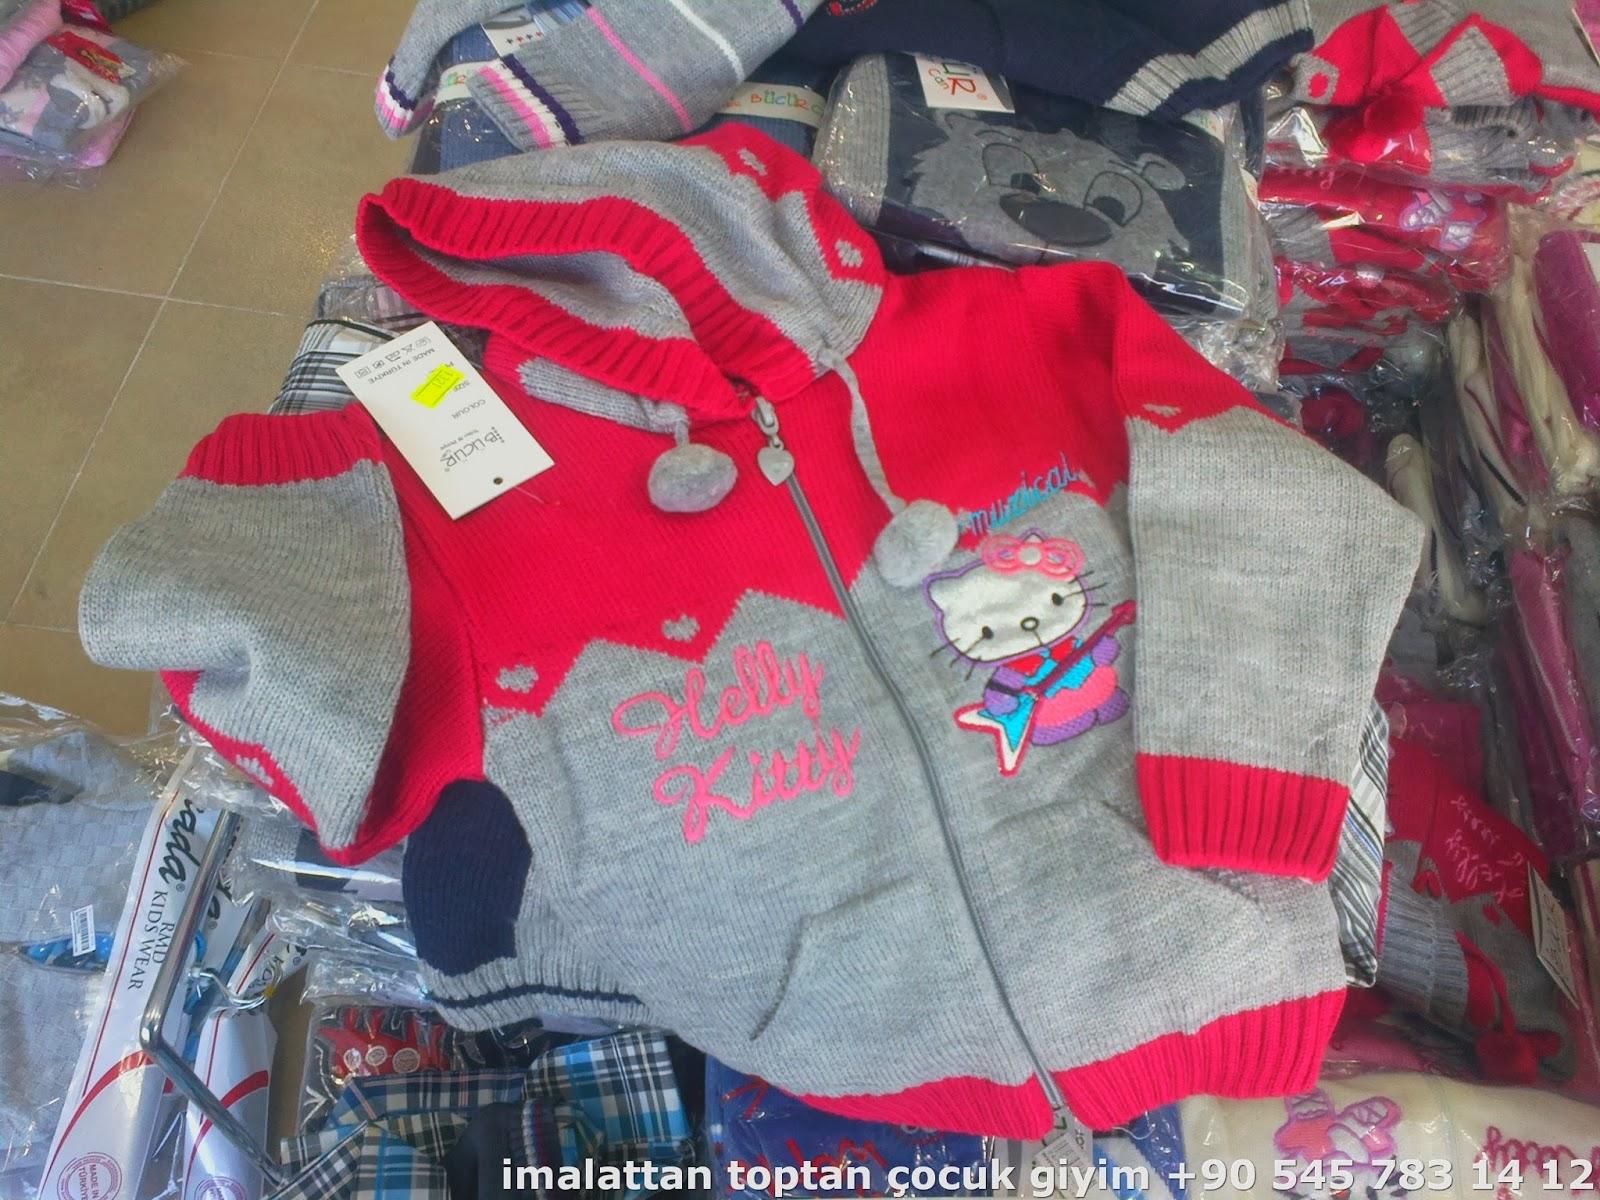 Одежда Детская Оптом Казахстан